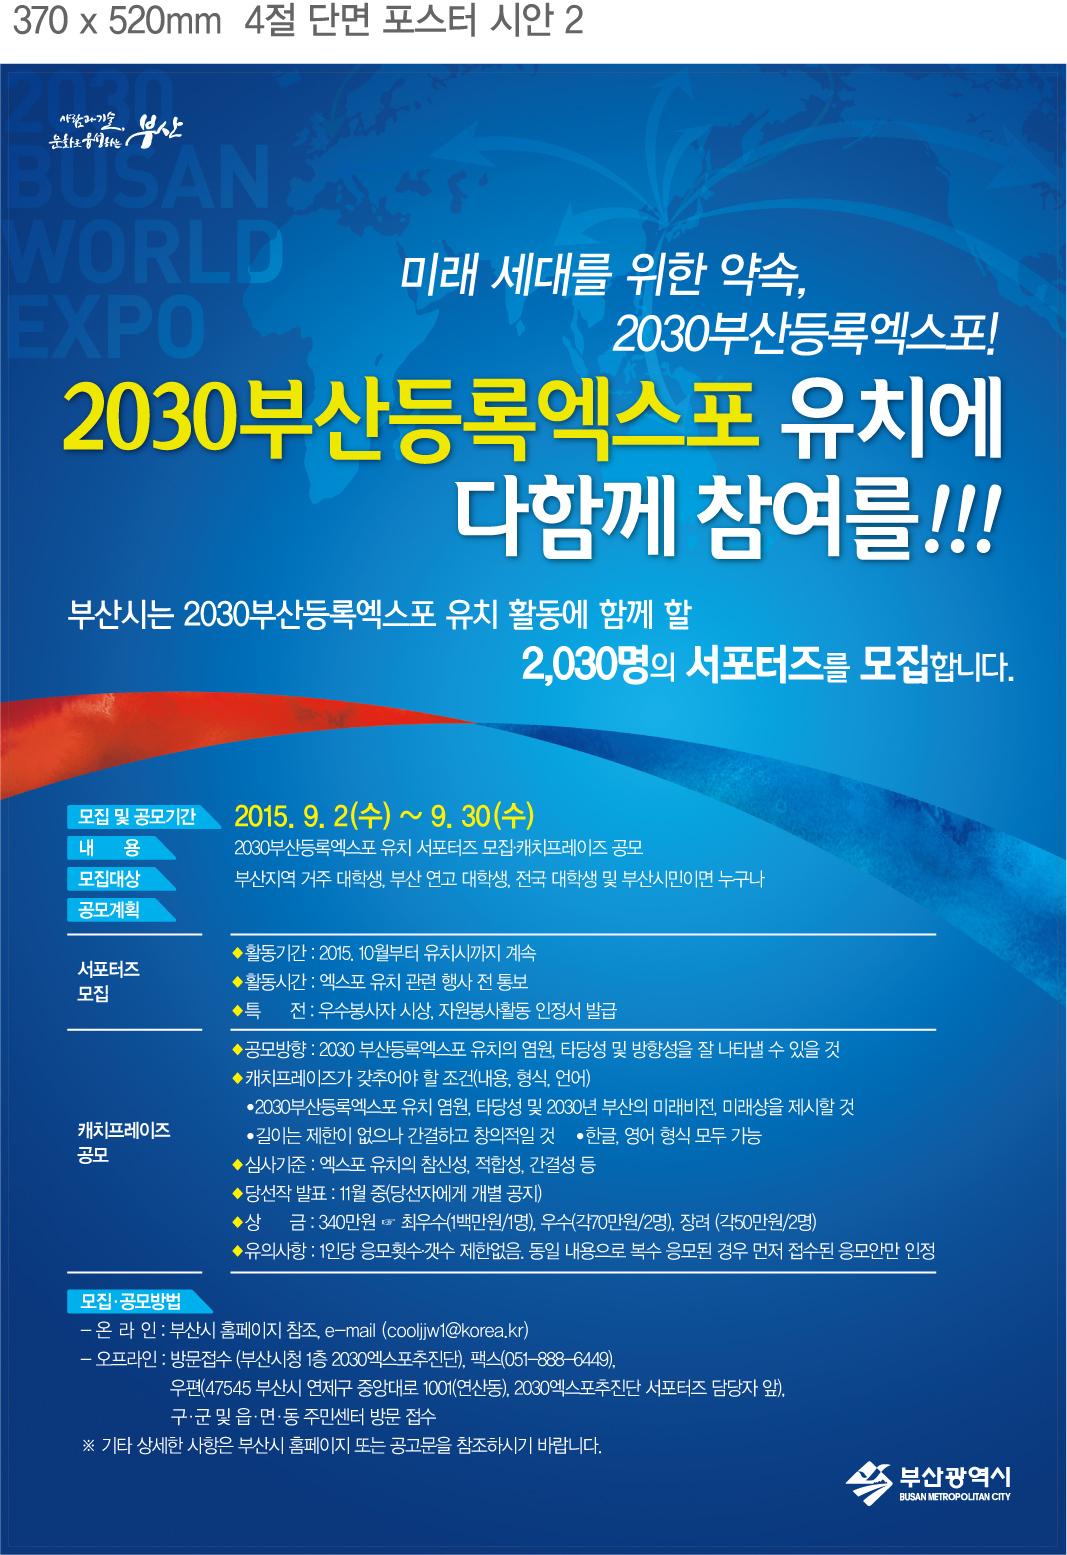 부산광역시 아토피 천식 교육정보센터 캐릭터 공모 계획 관련이미지